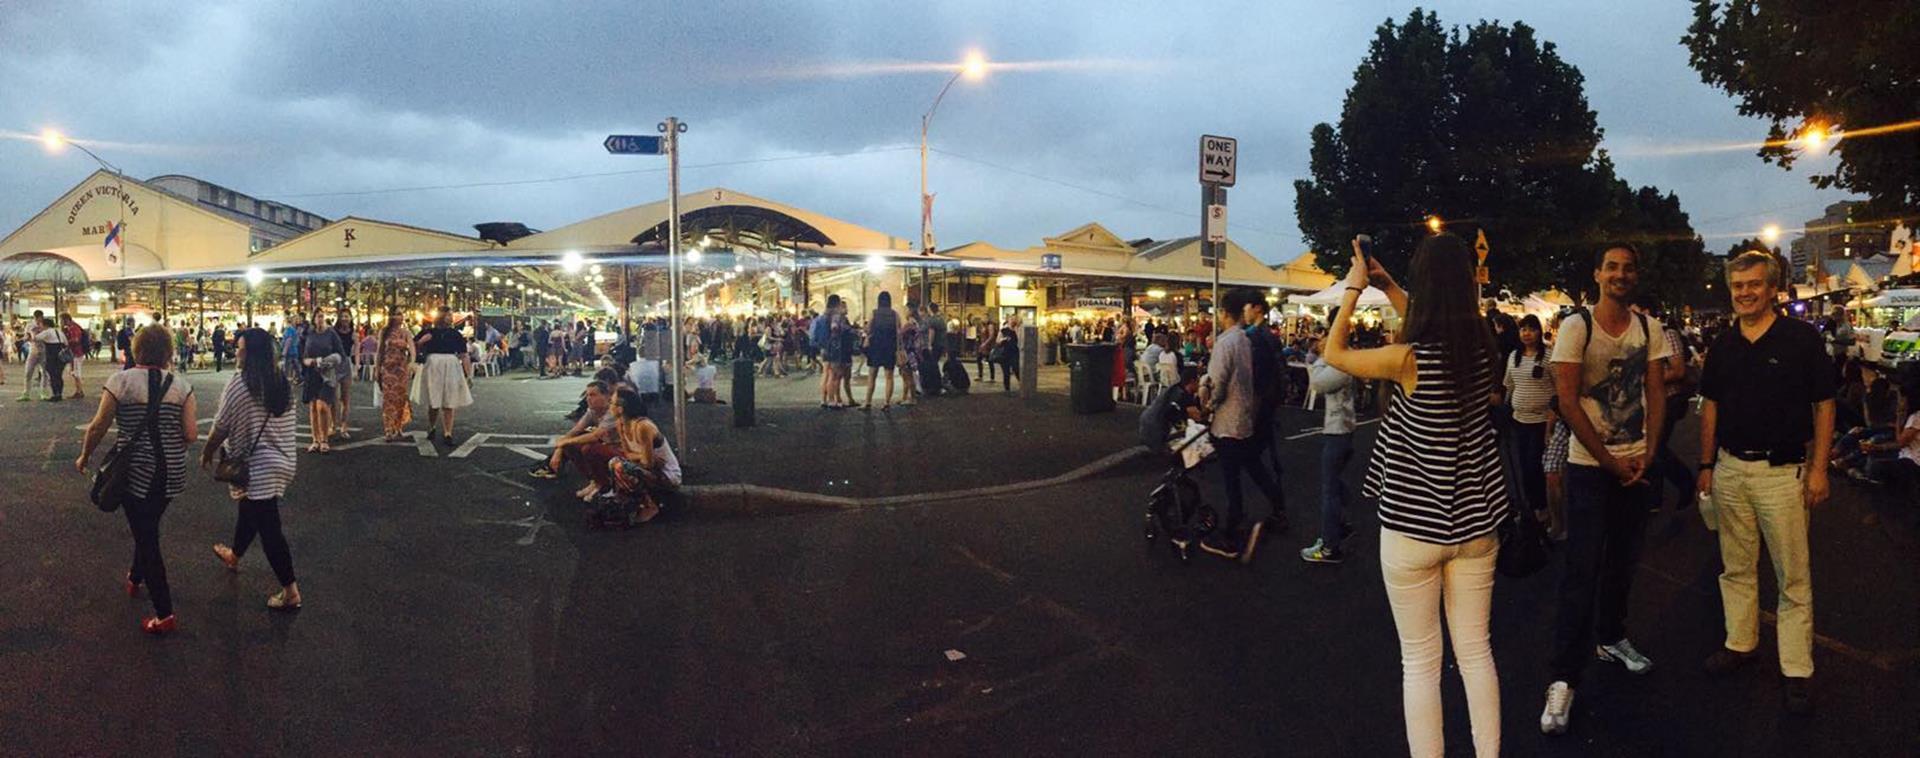 Vor dem Victoria Market